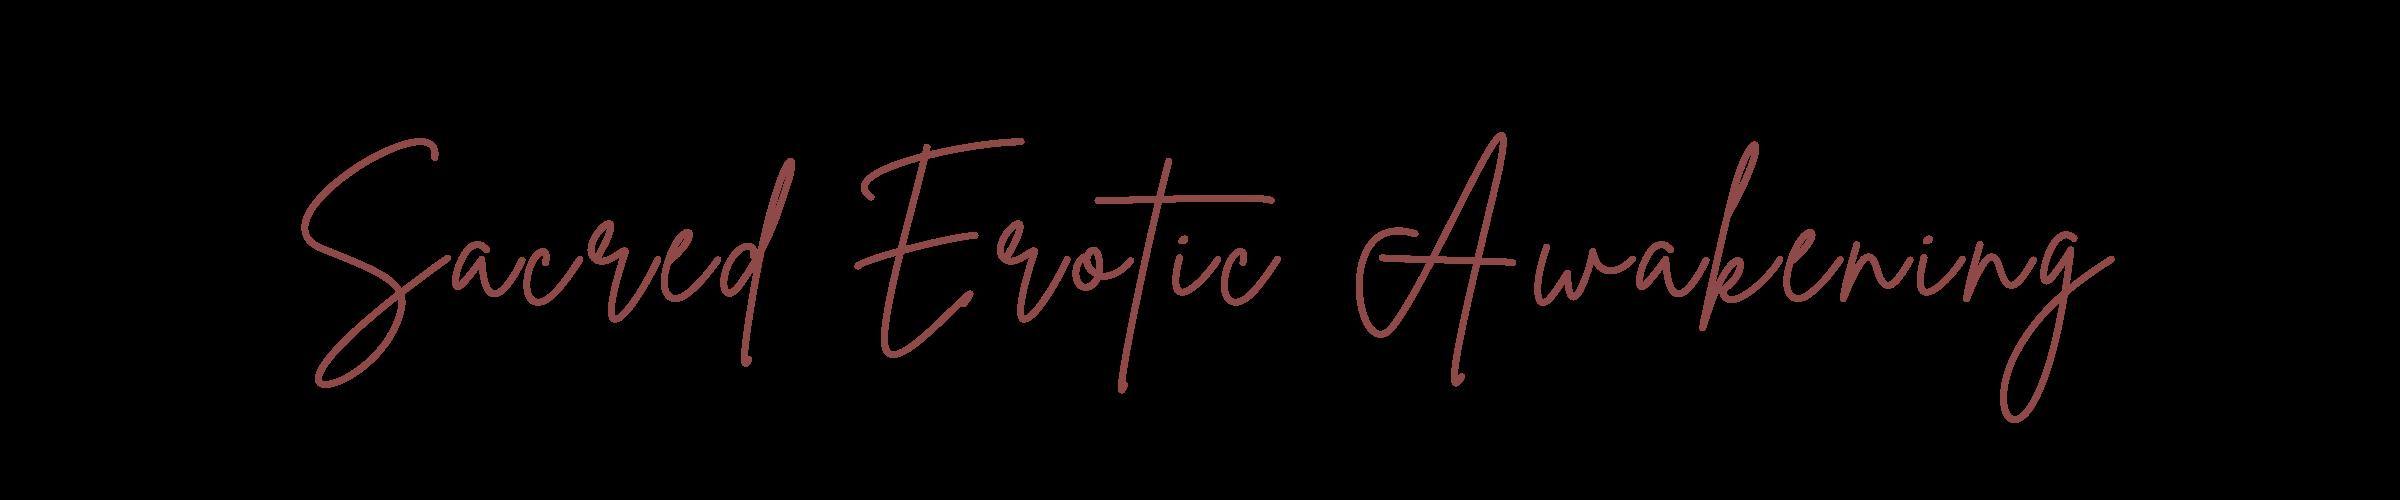 Sacred Erotic Awakening Banner (2)